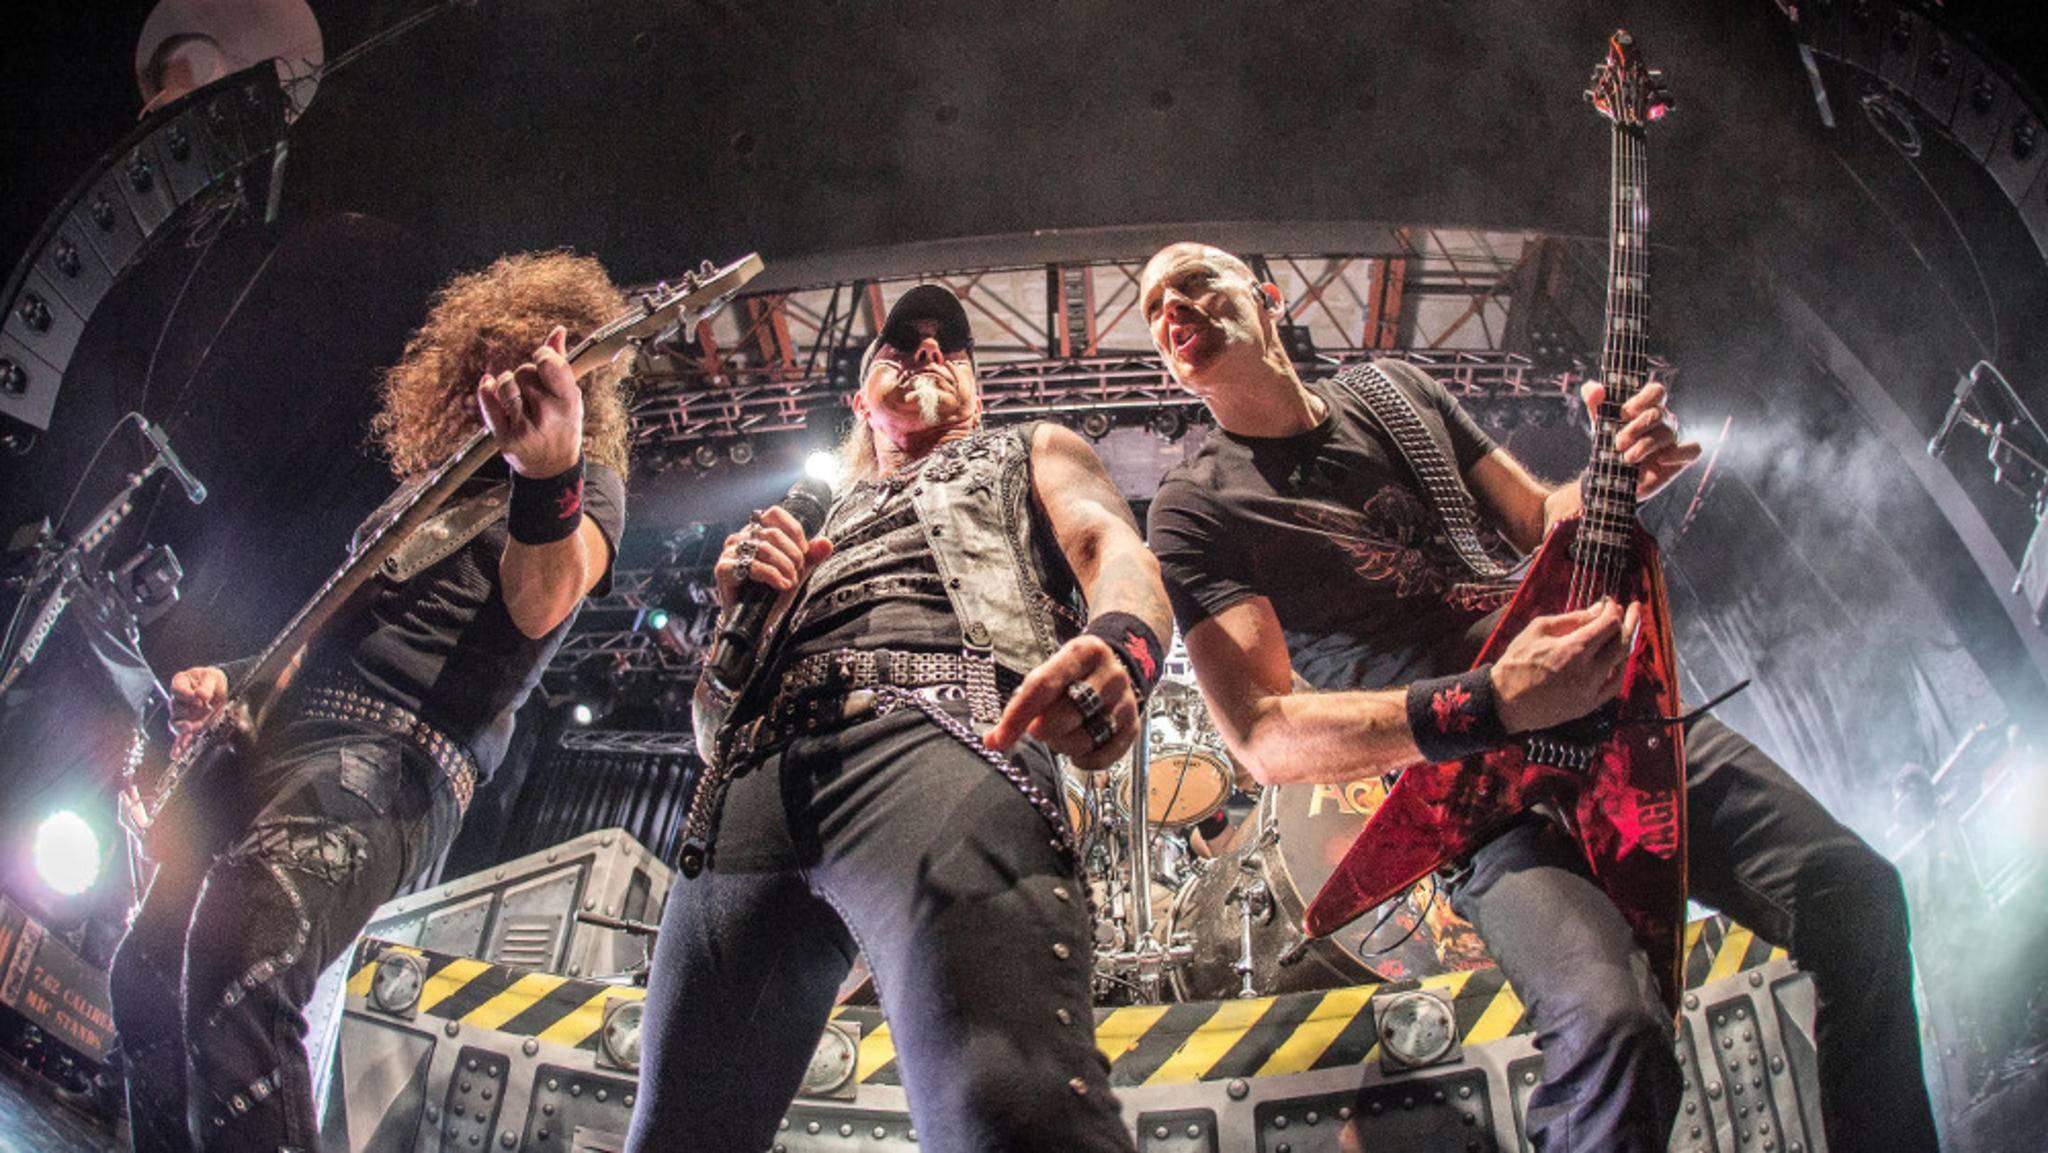 Unter den heiß erwarteten neuen Metal-Alben, die 2017 erscheinen sollen, ist auch eine neue Platte der deutschen Heavy-Metaller Accept.